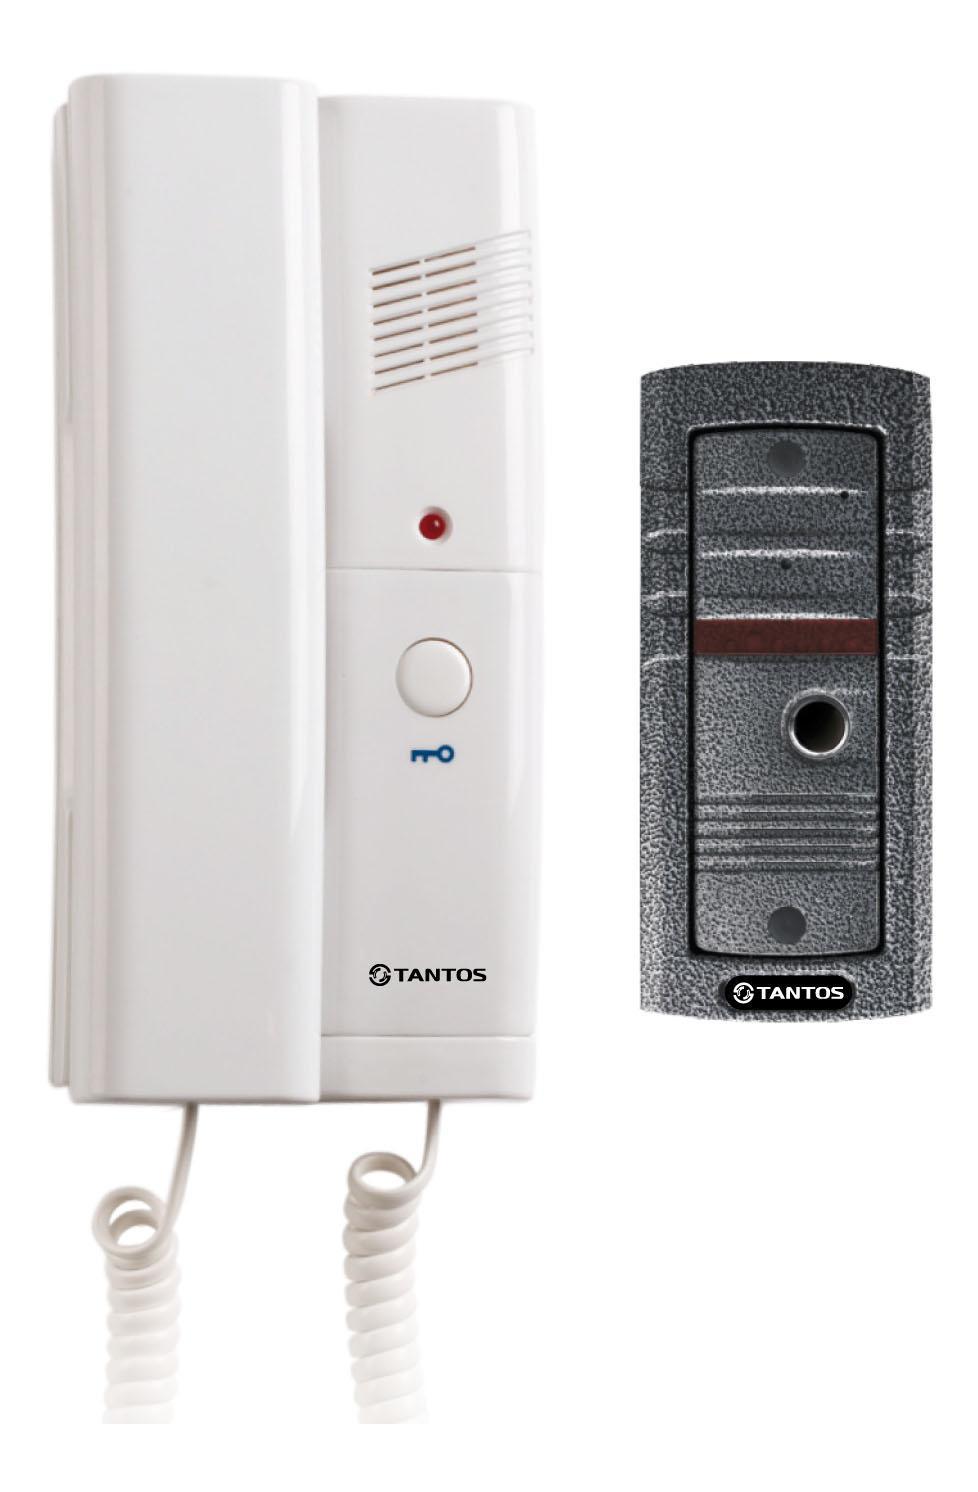 Tantos TS-203Kit аудиодомофон - Домофоны